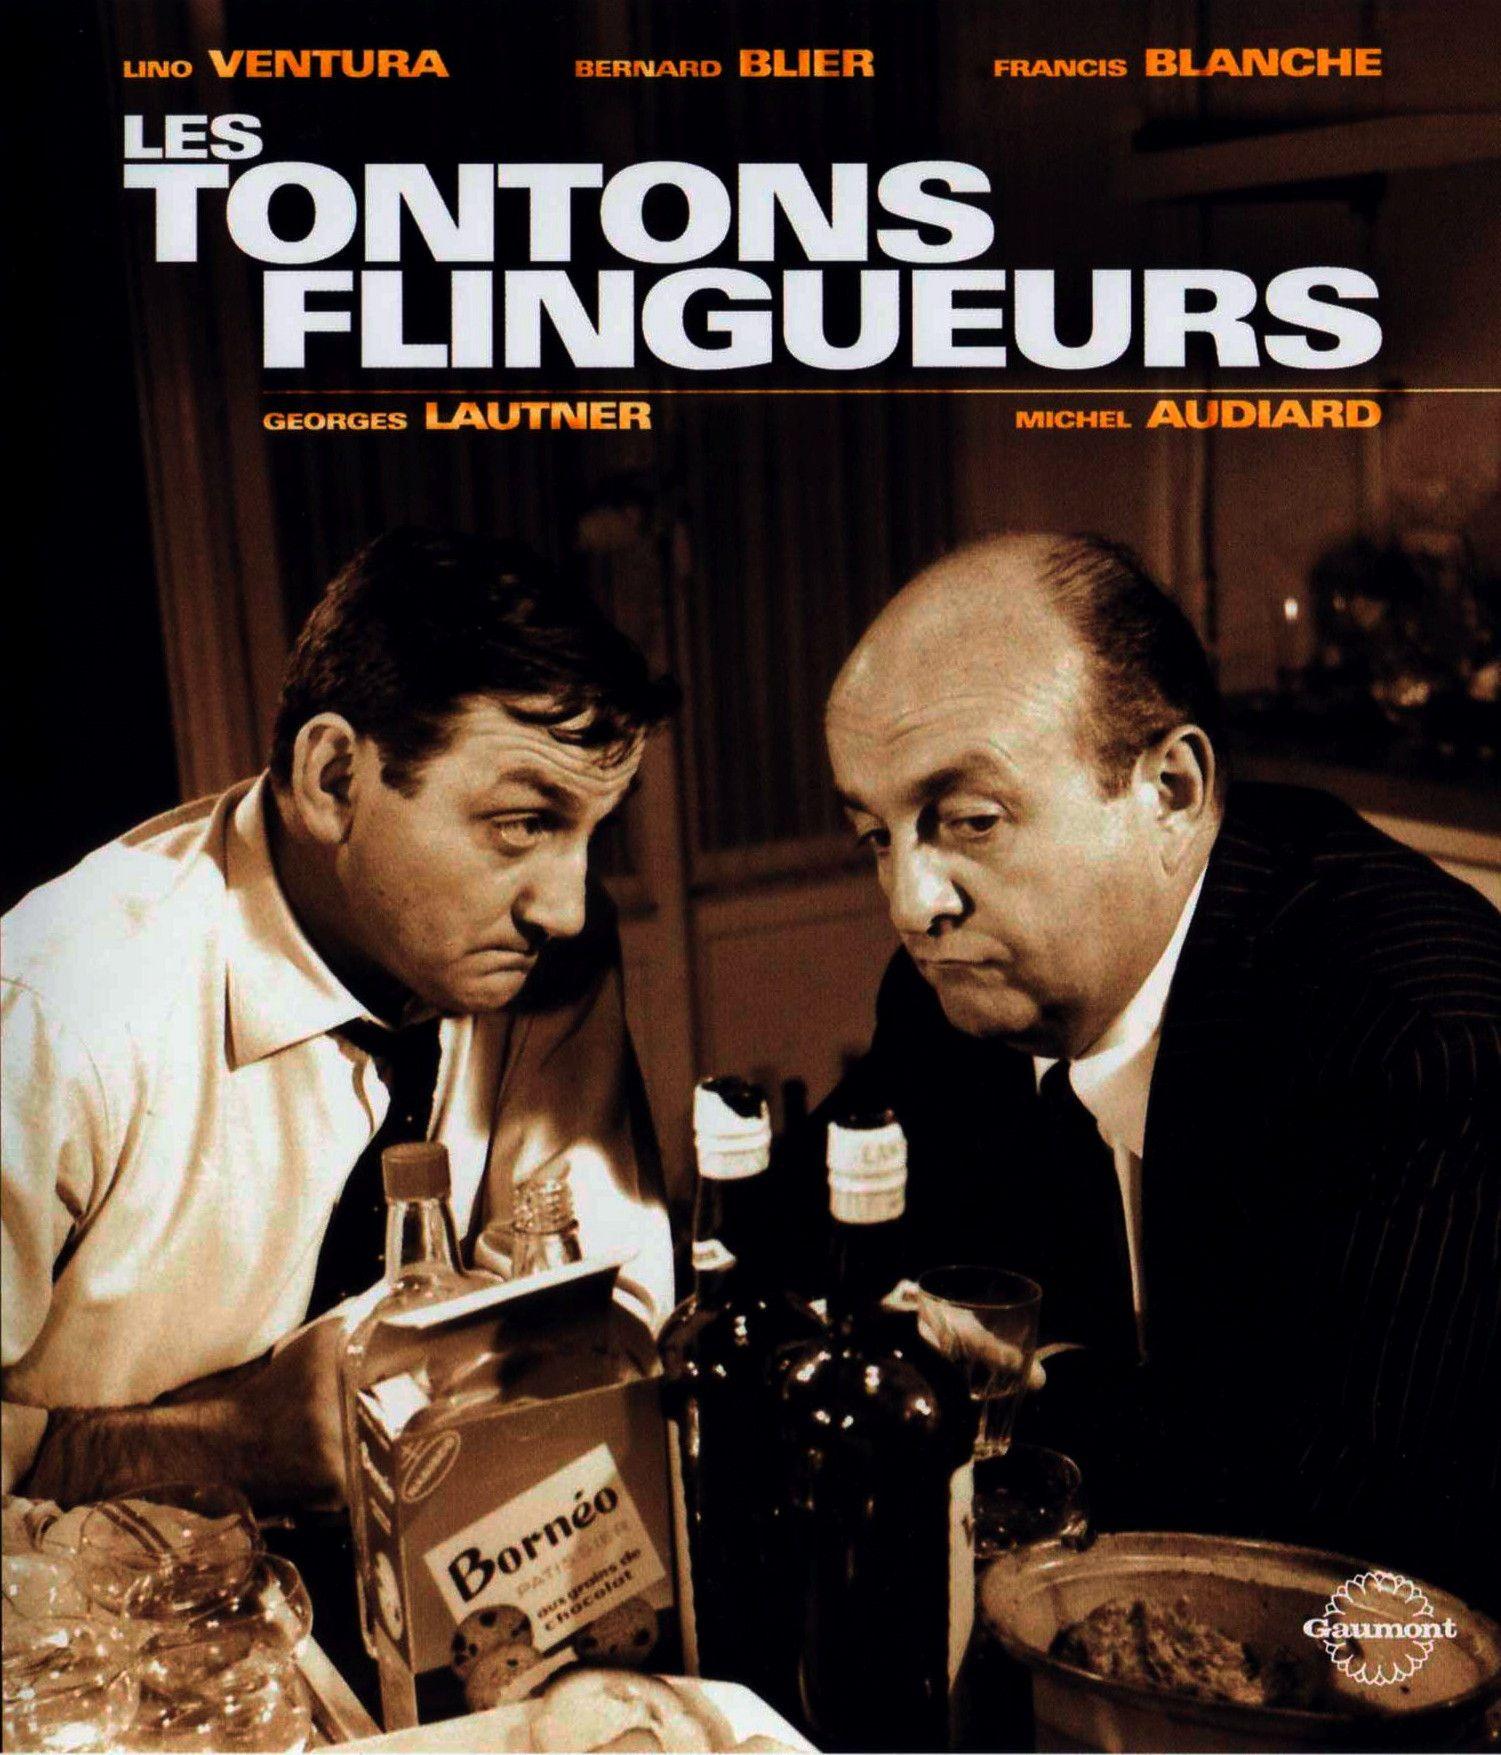 Extrêmement Les Tontons flingueurs est une comédie franco-germano-italienne  ZQ87